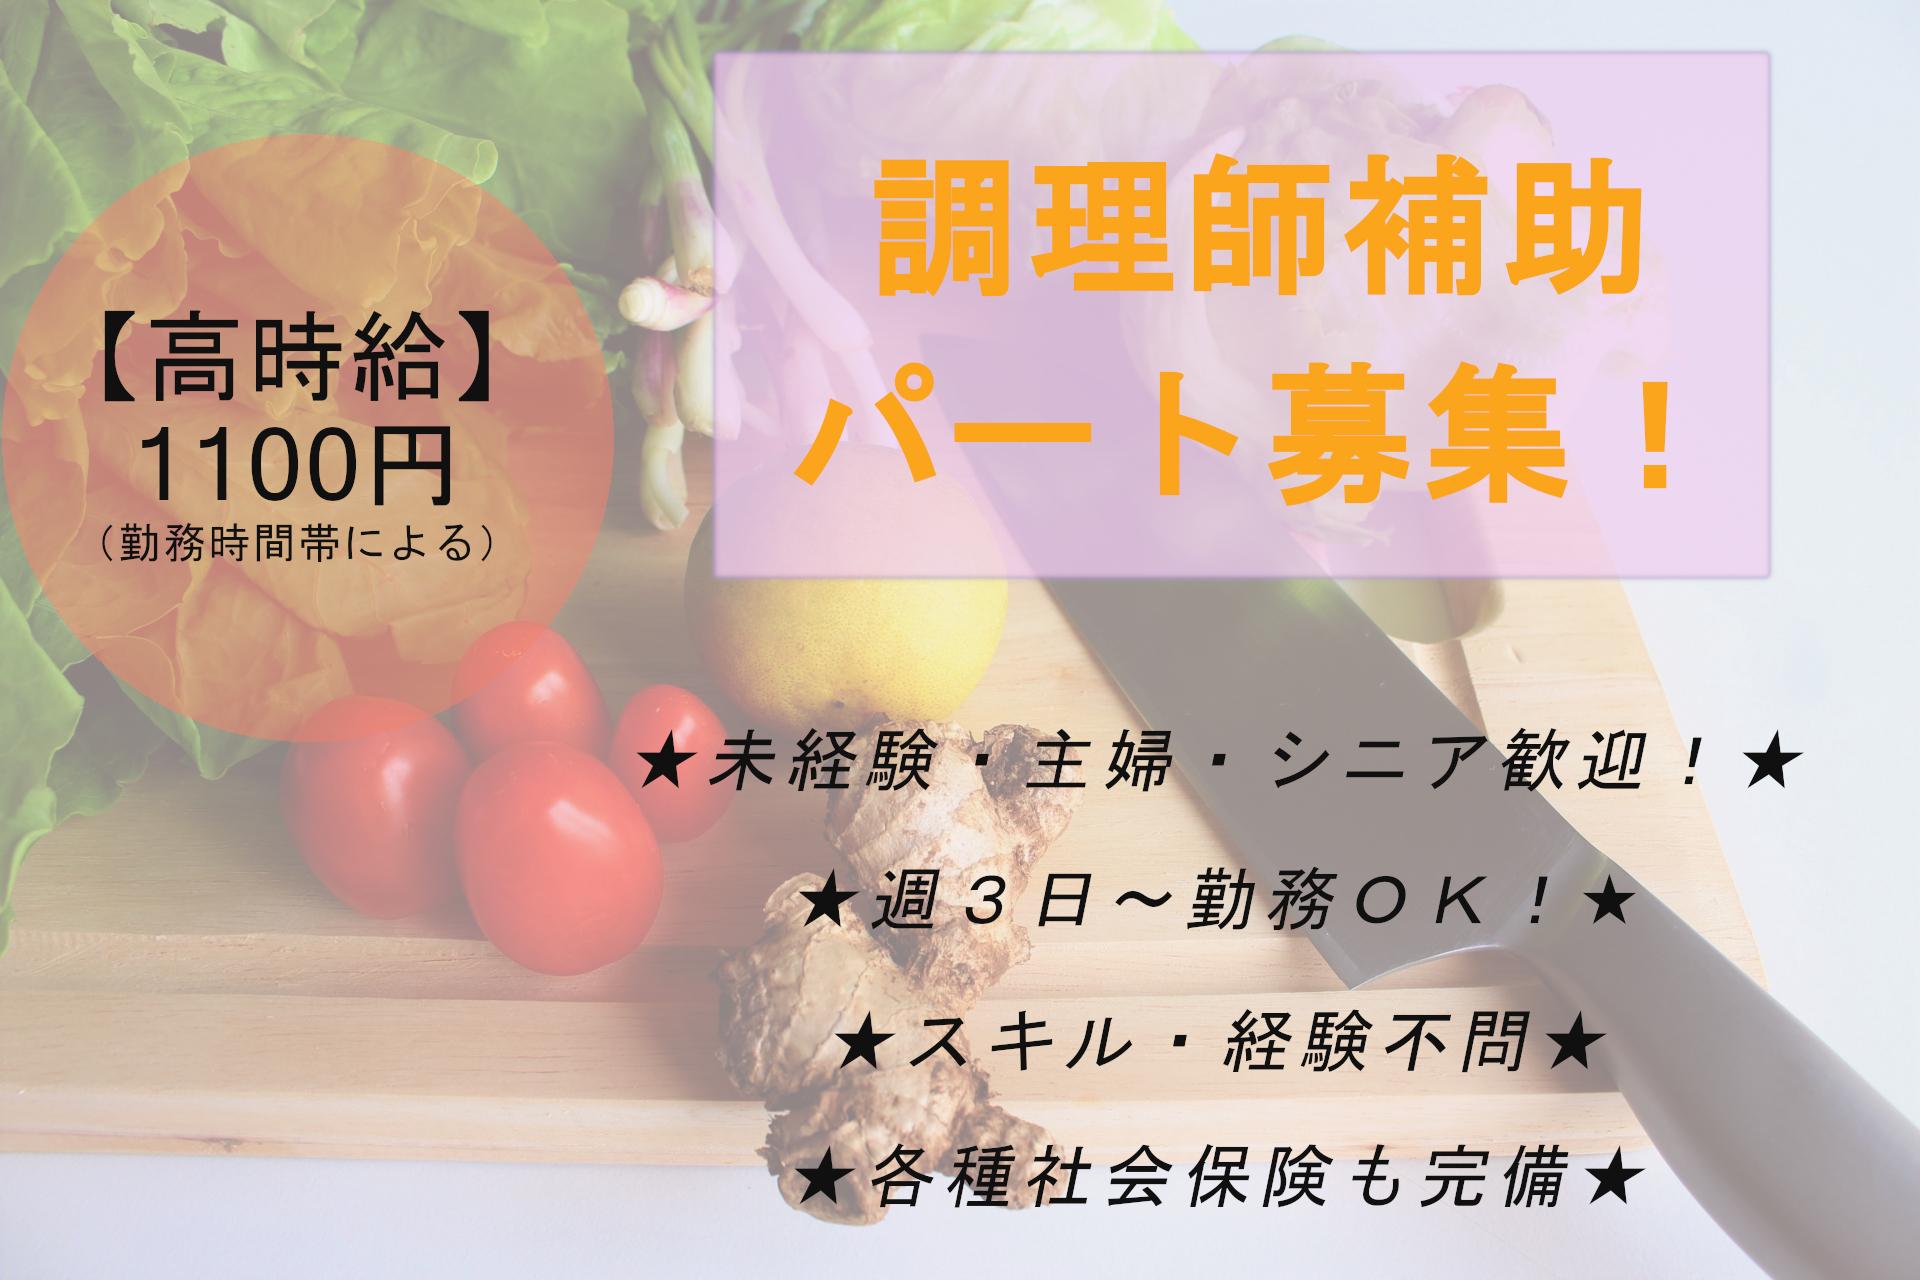 【急募】給食施設厨房でのパートスタッフ募集!未経験・シニアOK♪【豊明市】 イメージ